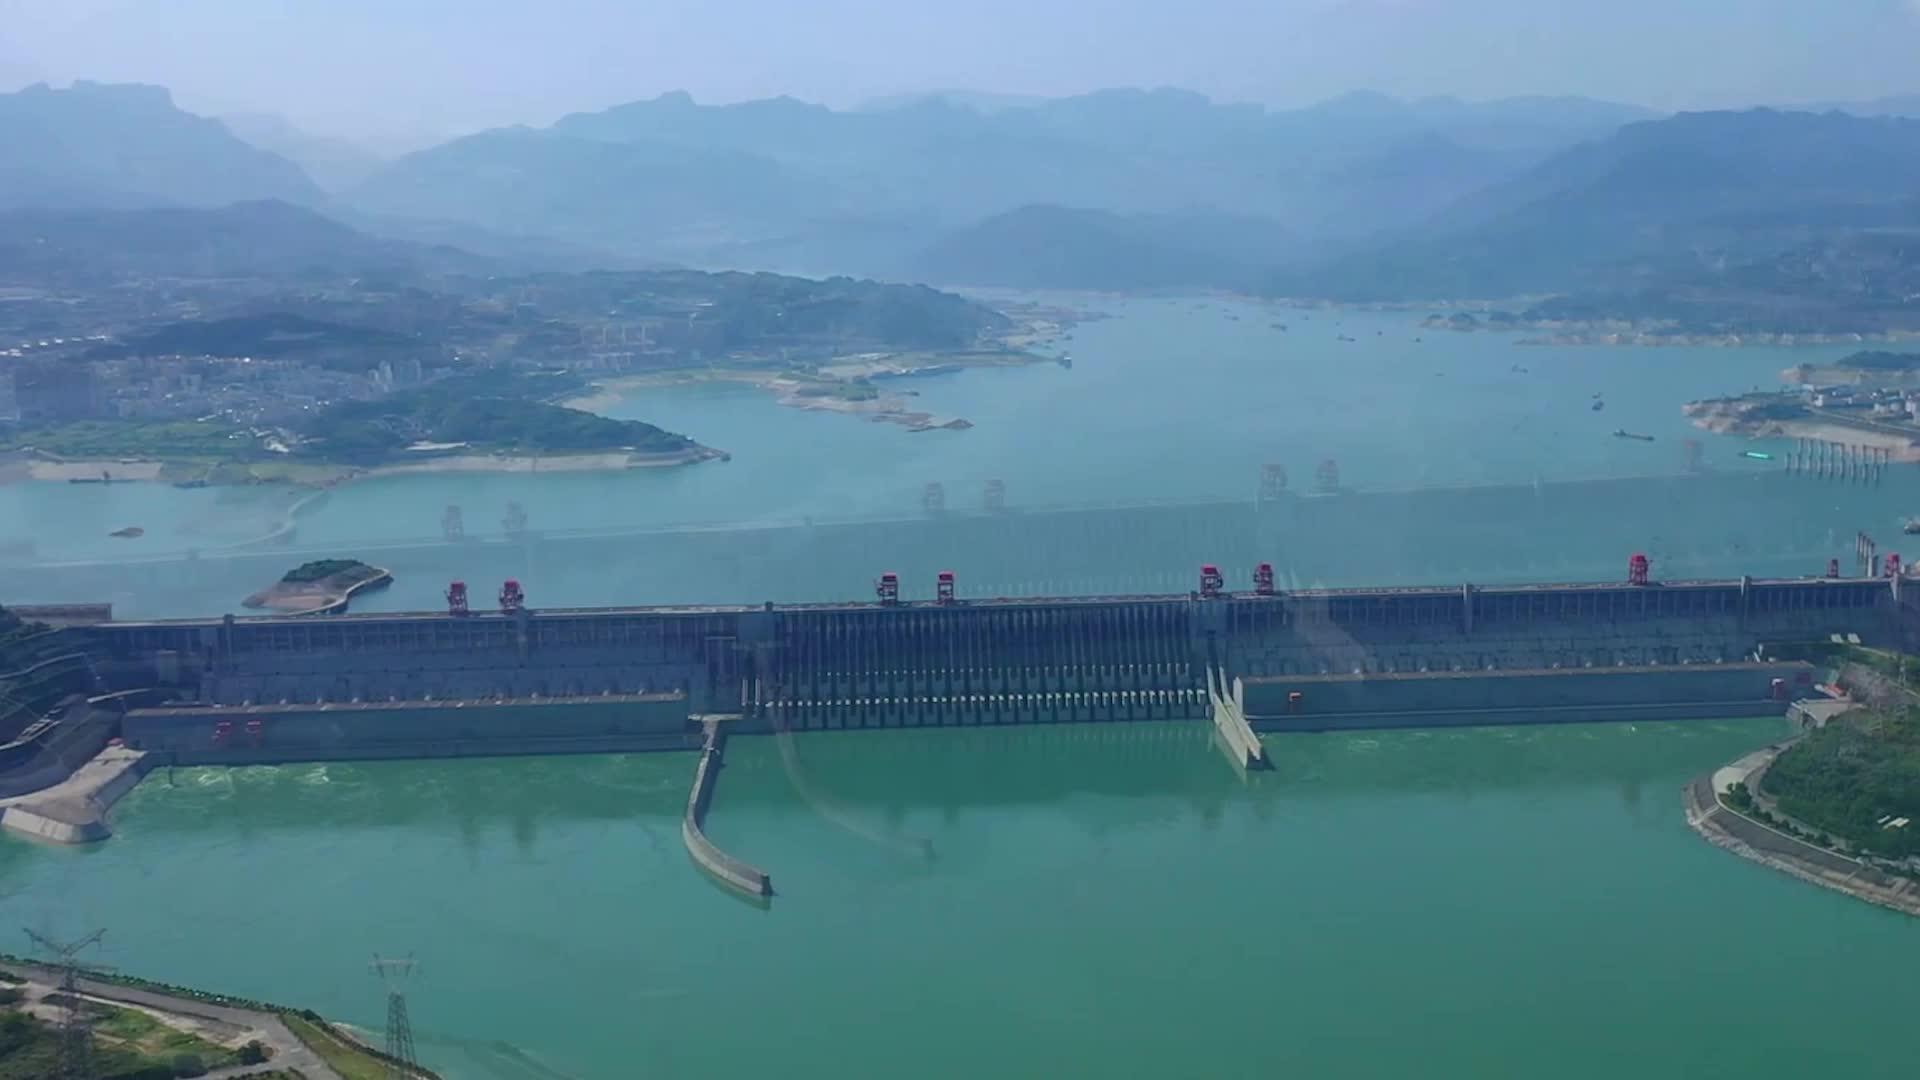 三峡水电站泄洪时,为什么要把水喷向空中?看完真佩服中国设计师